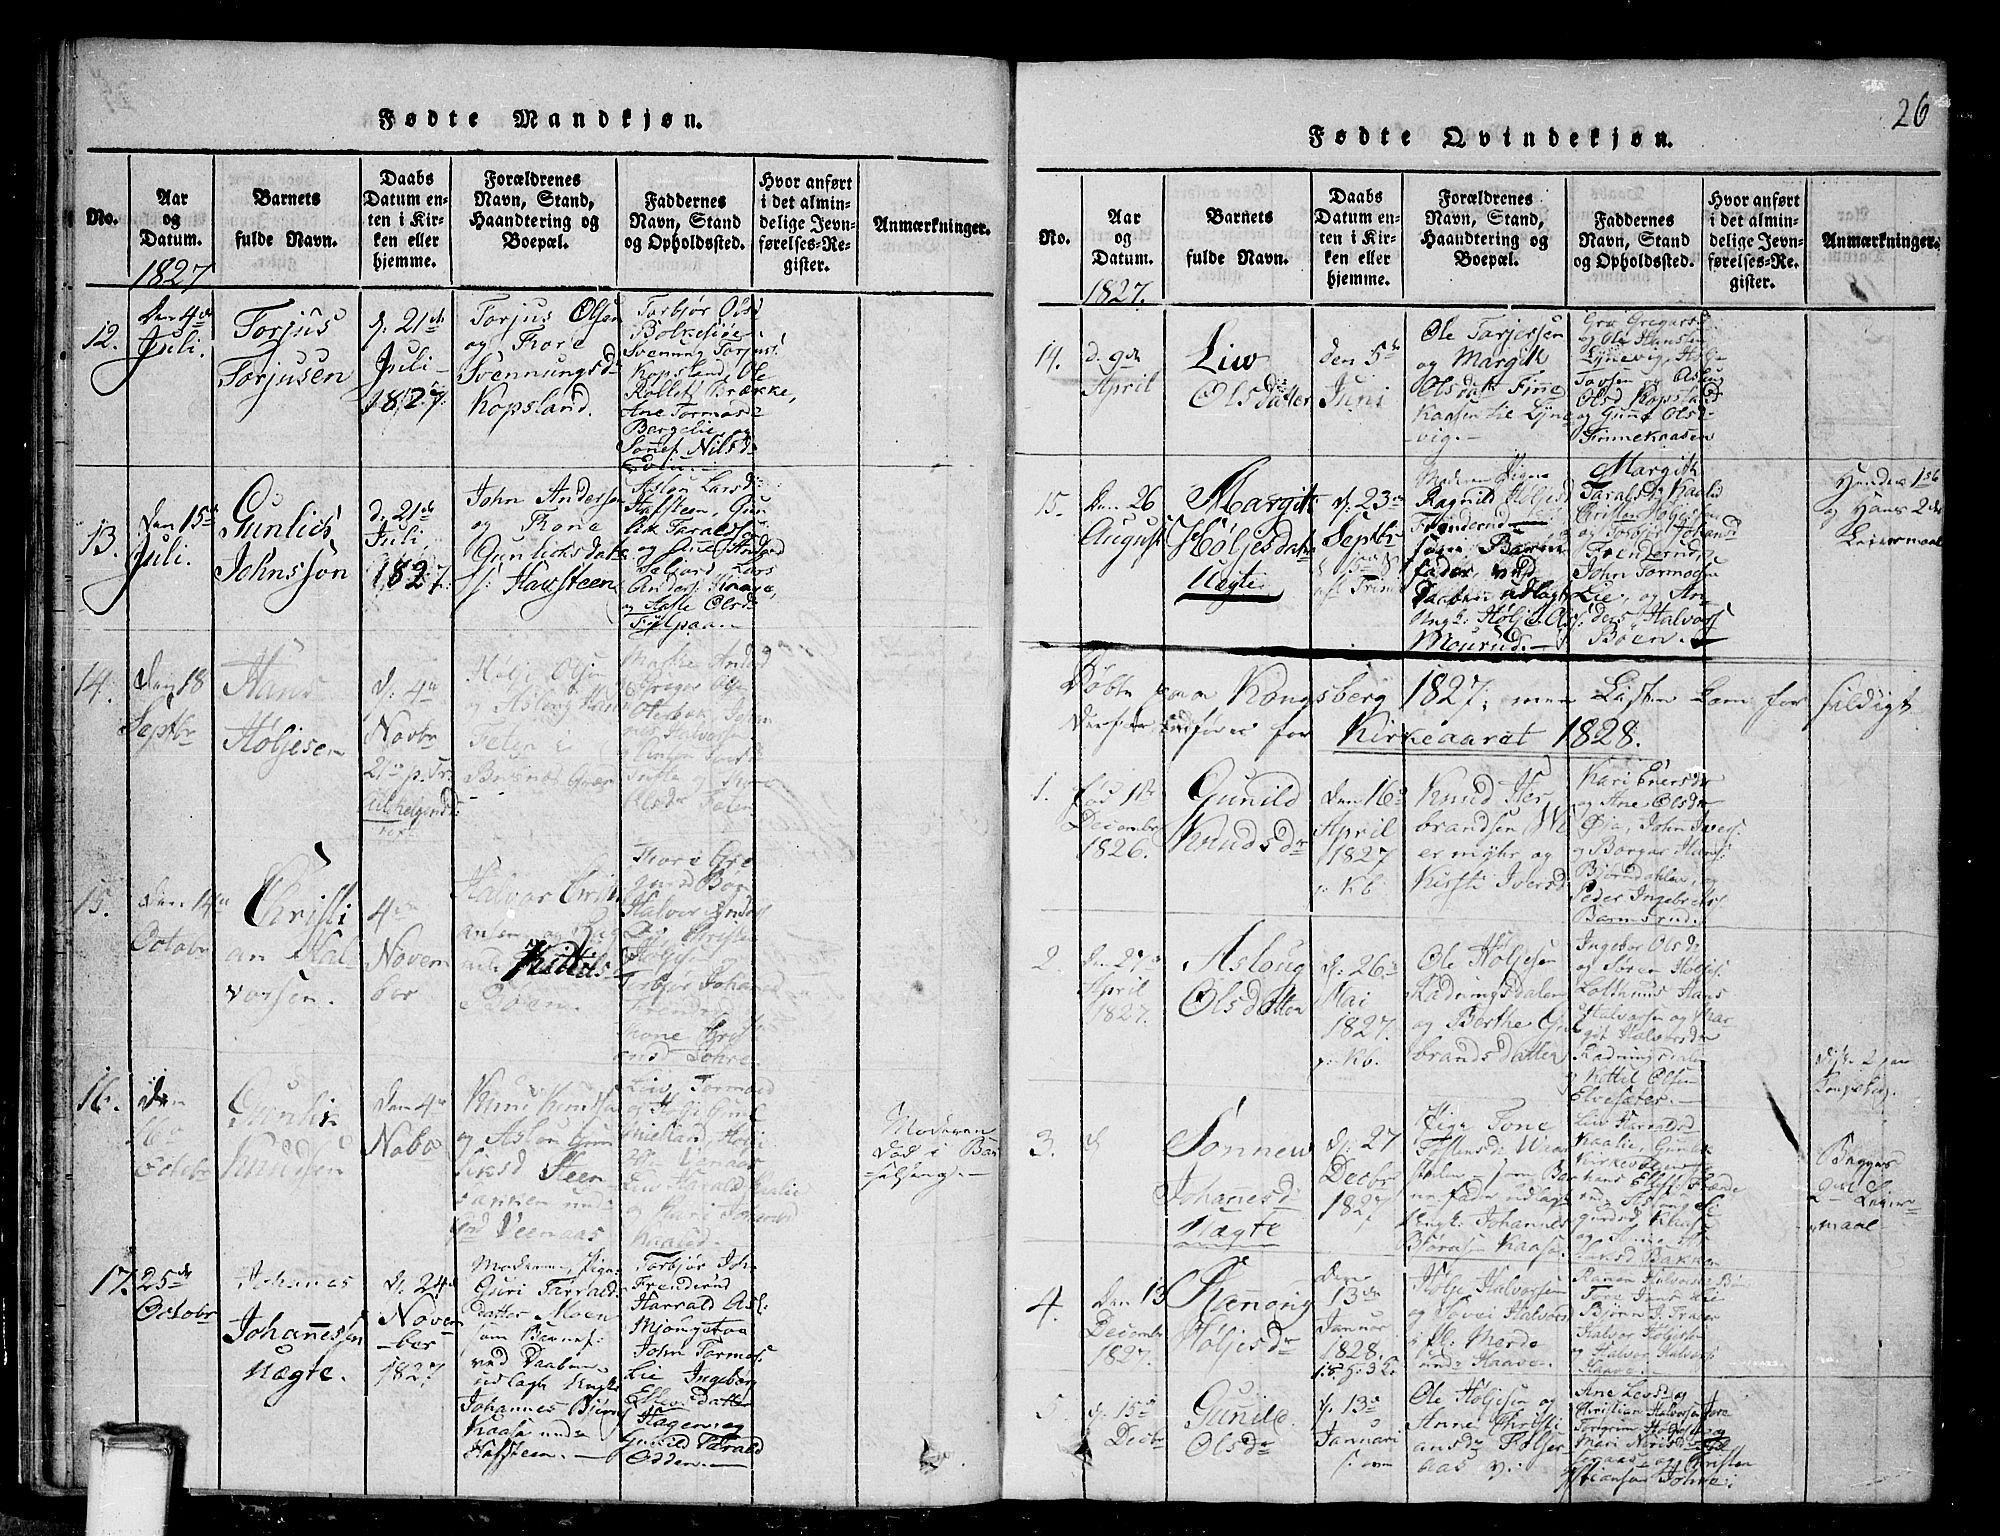 SAKO, Gransherad kirkebøker, G/Ga/L0001: Klokkerbok nr. I 1, 1815-1842, s. 26